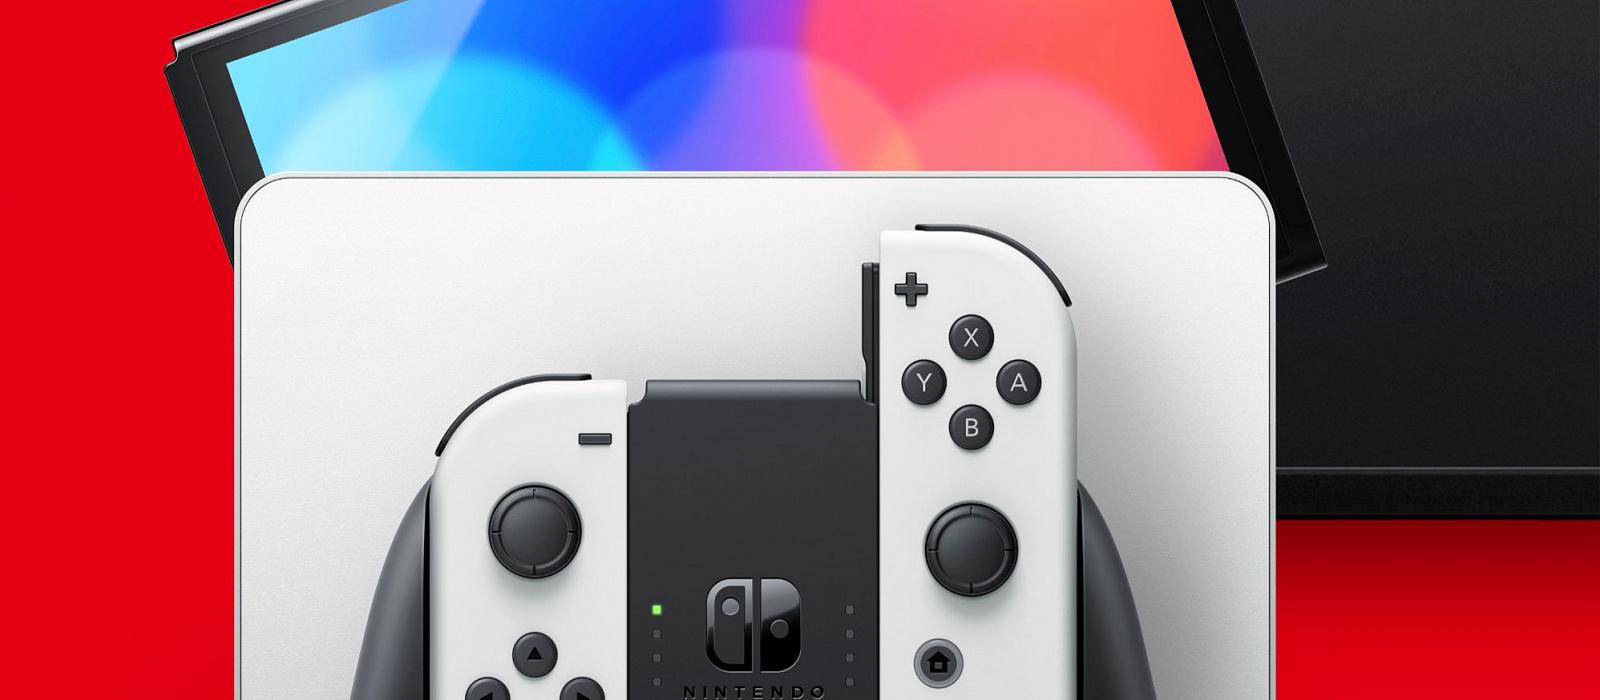 Frankenstein von Aliexpress – Ein Fan hat einen Nintendo Switch aus chinesischen Teilen zusammengebaut.  Aber es ist viel teurer geworden